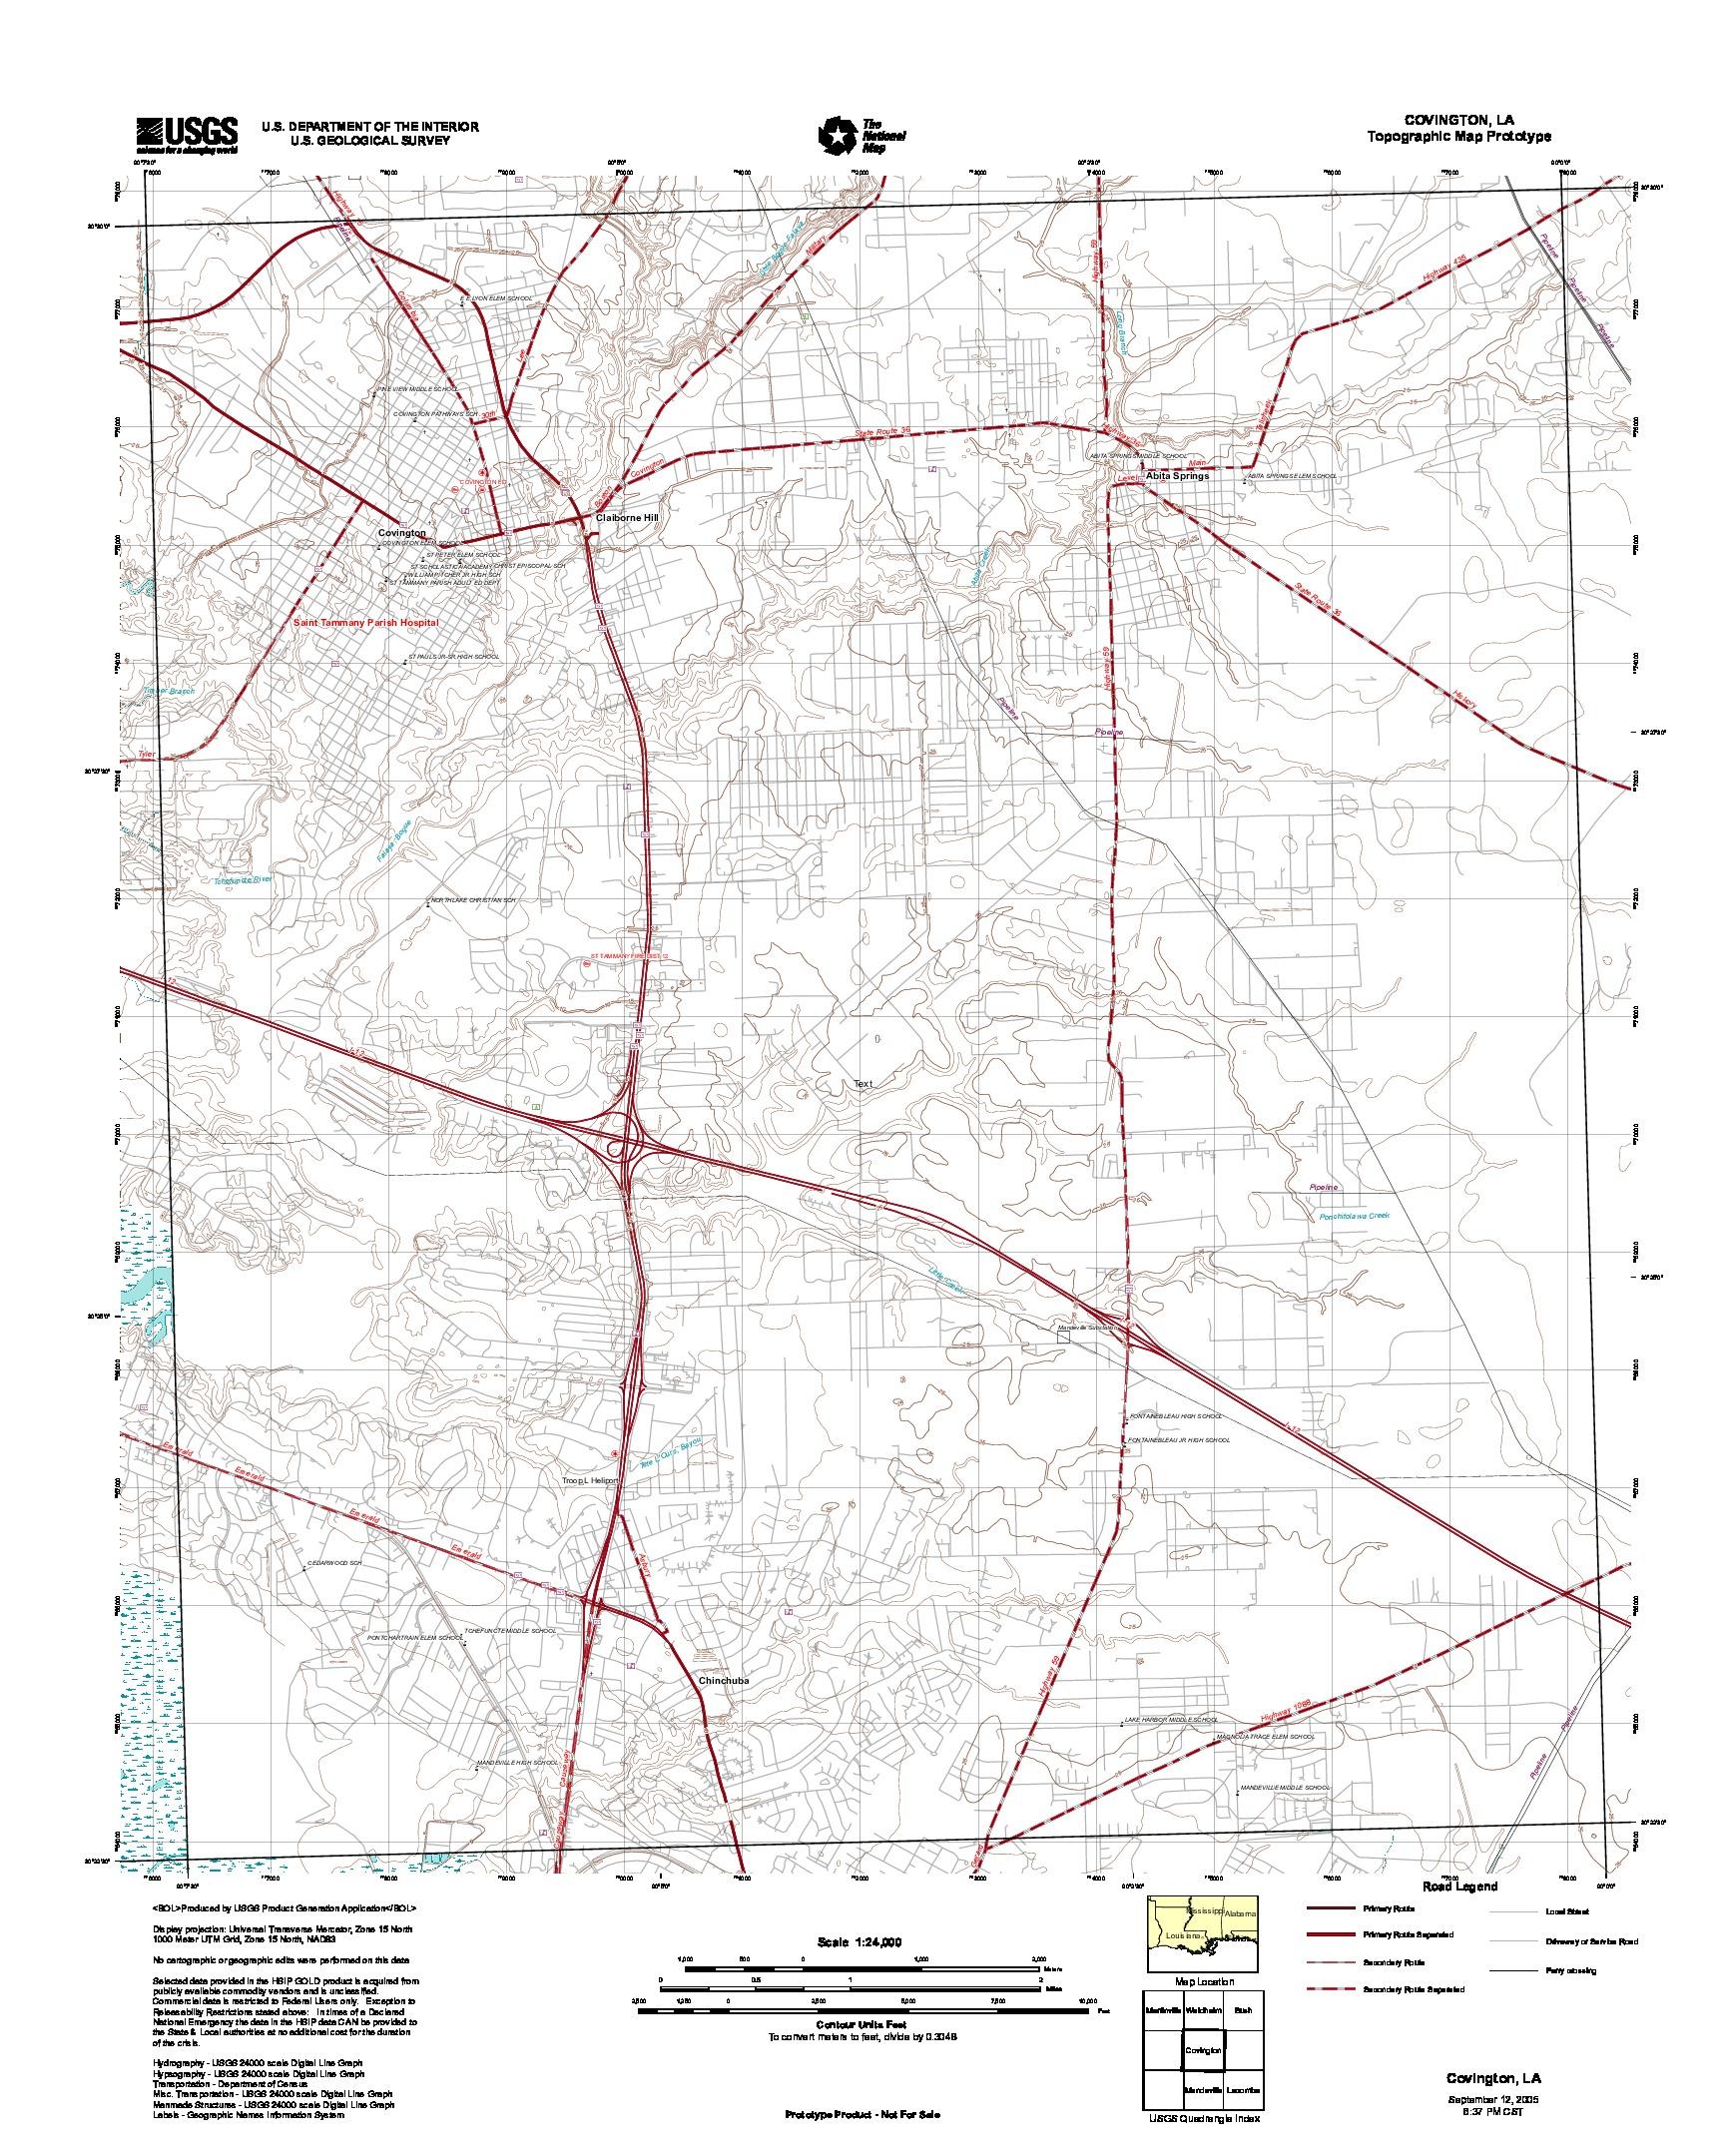 Prototipo de Mapa Topográfico de Covington, Luisiana, Estados Unidos, Septiembre 12, 2005